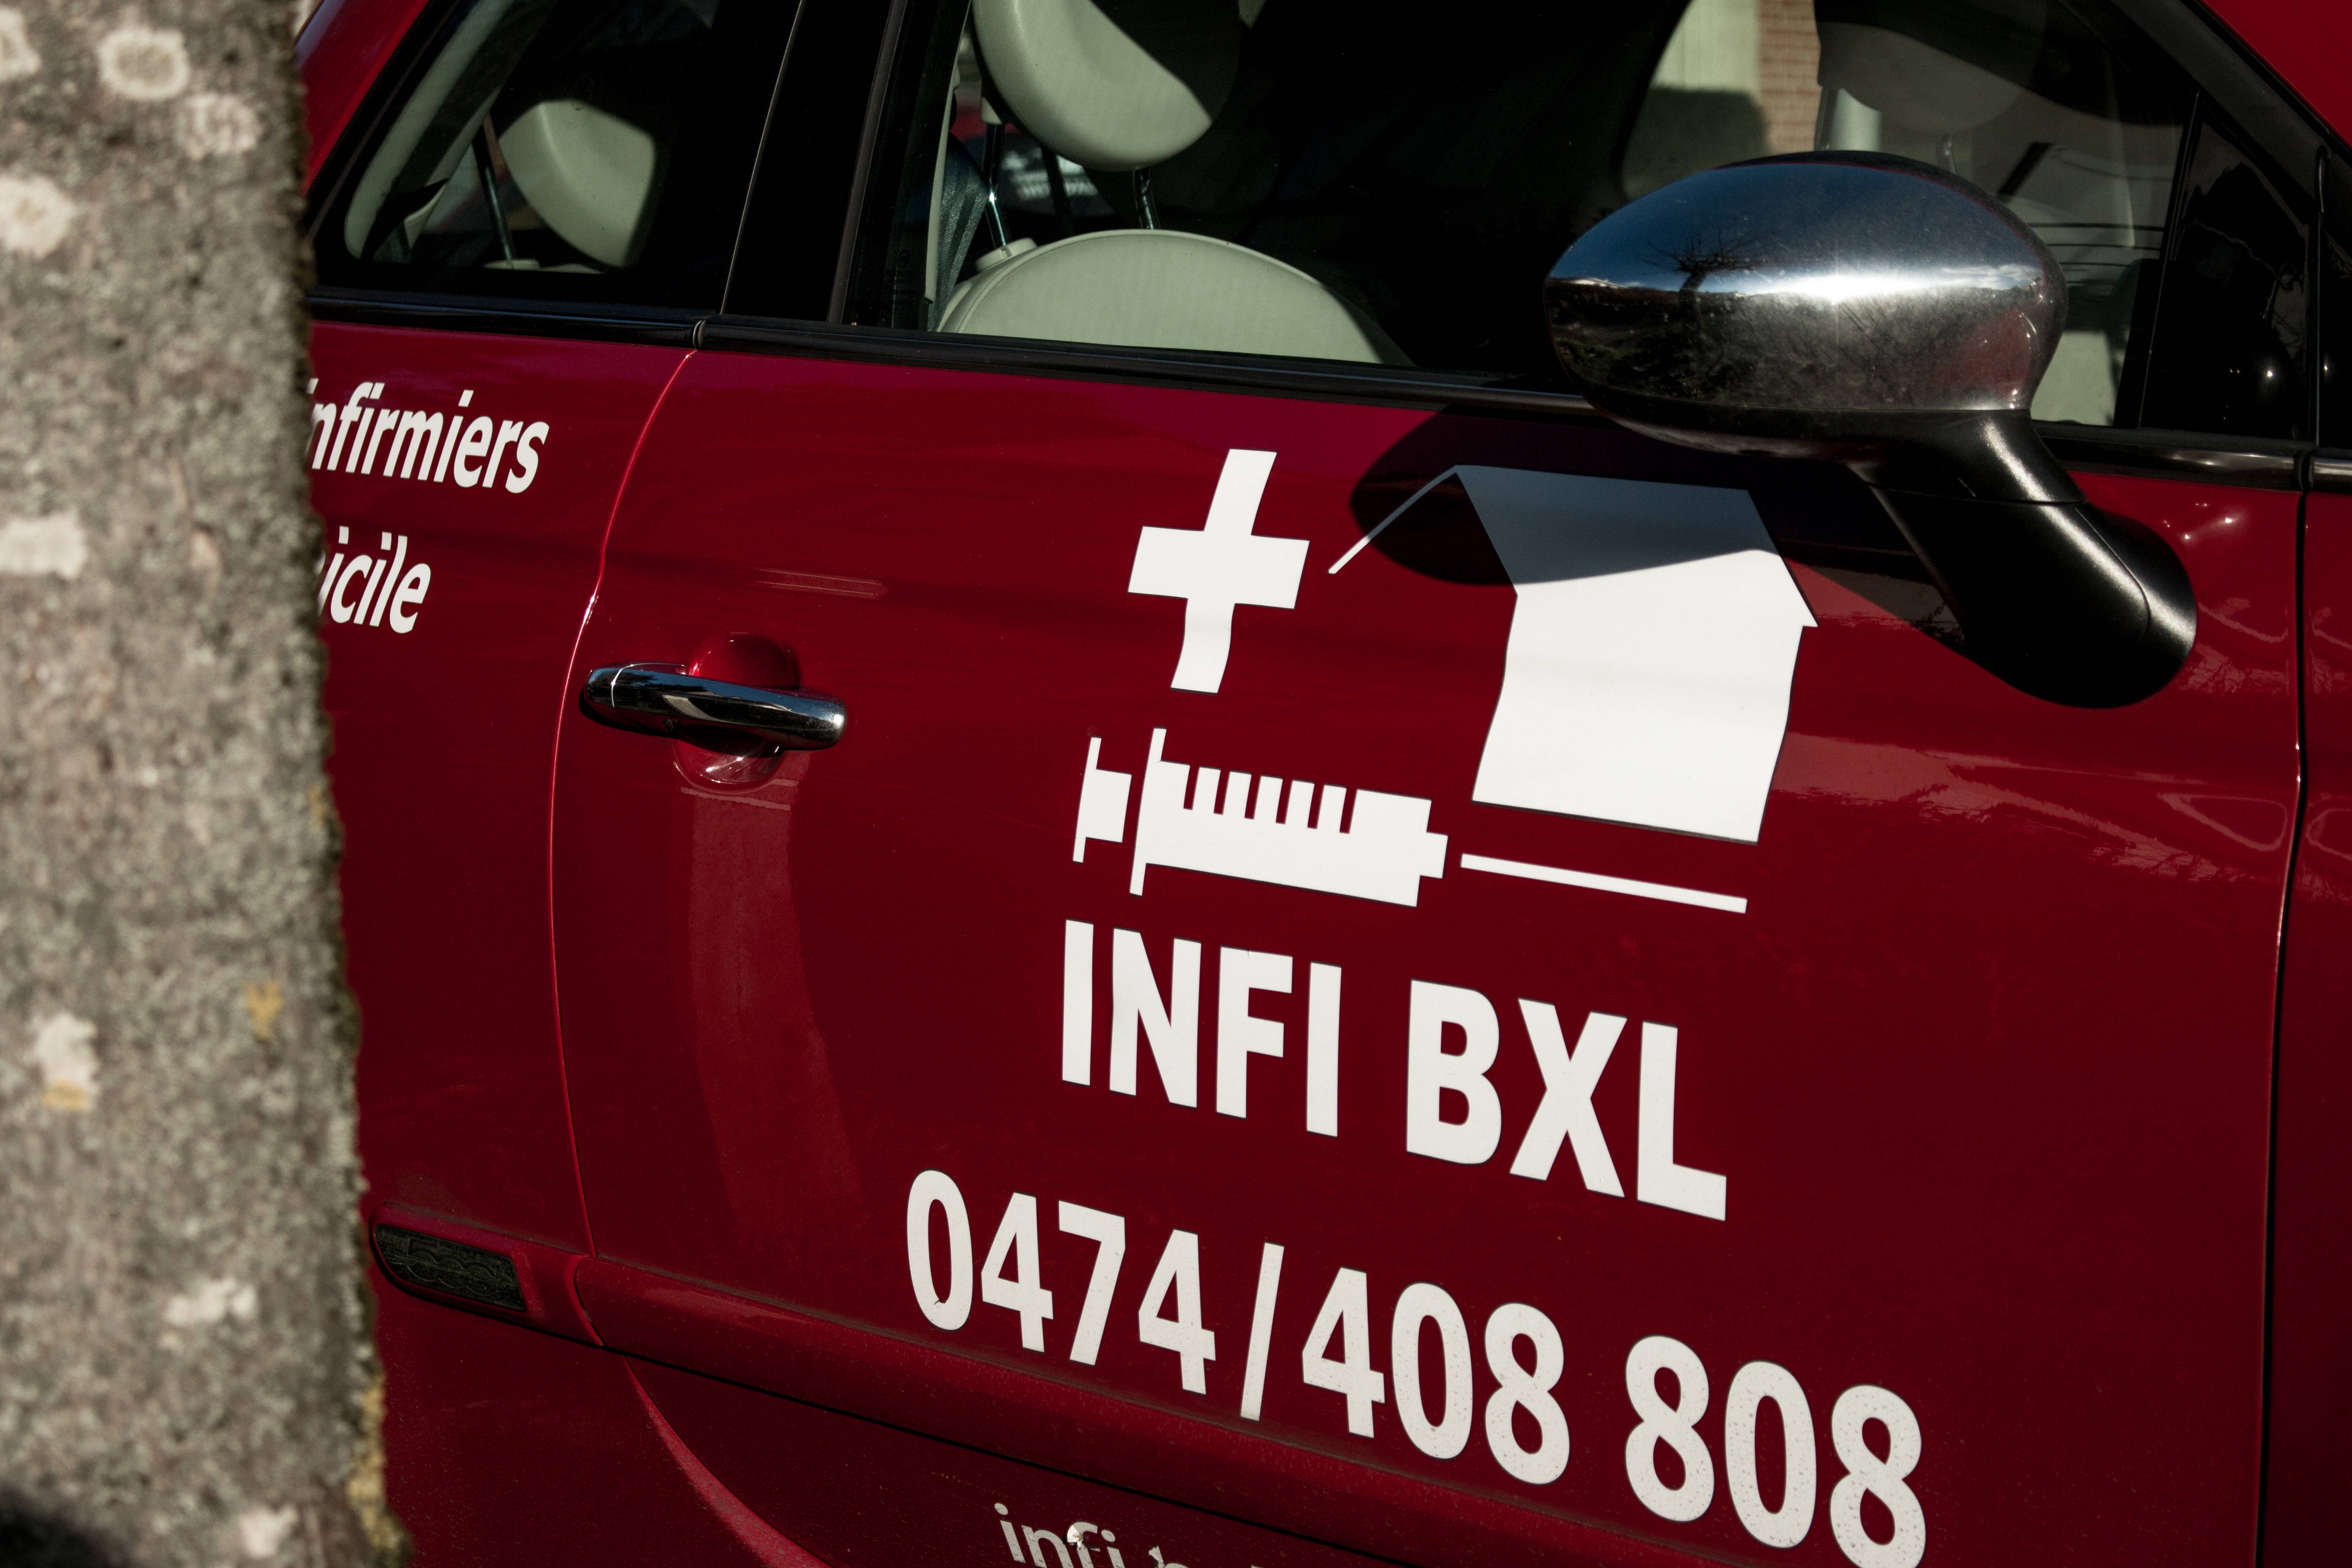 Infi BXL , des soins infirmiers à domicile